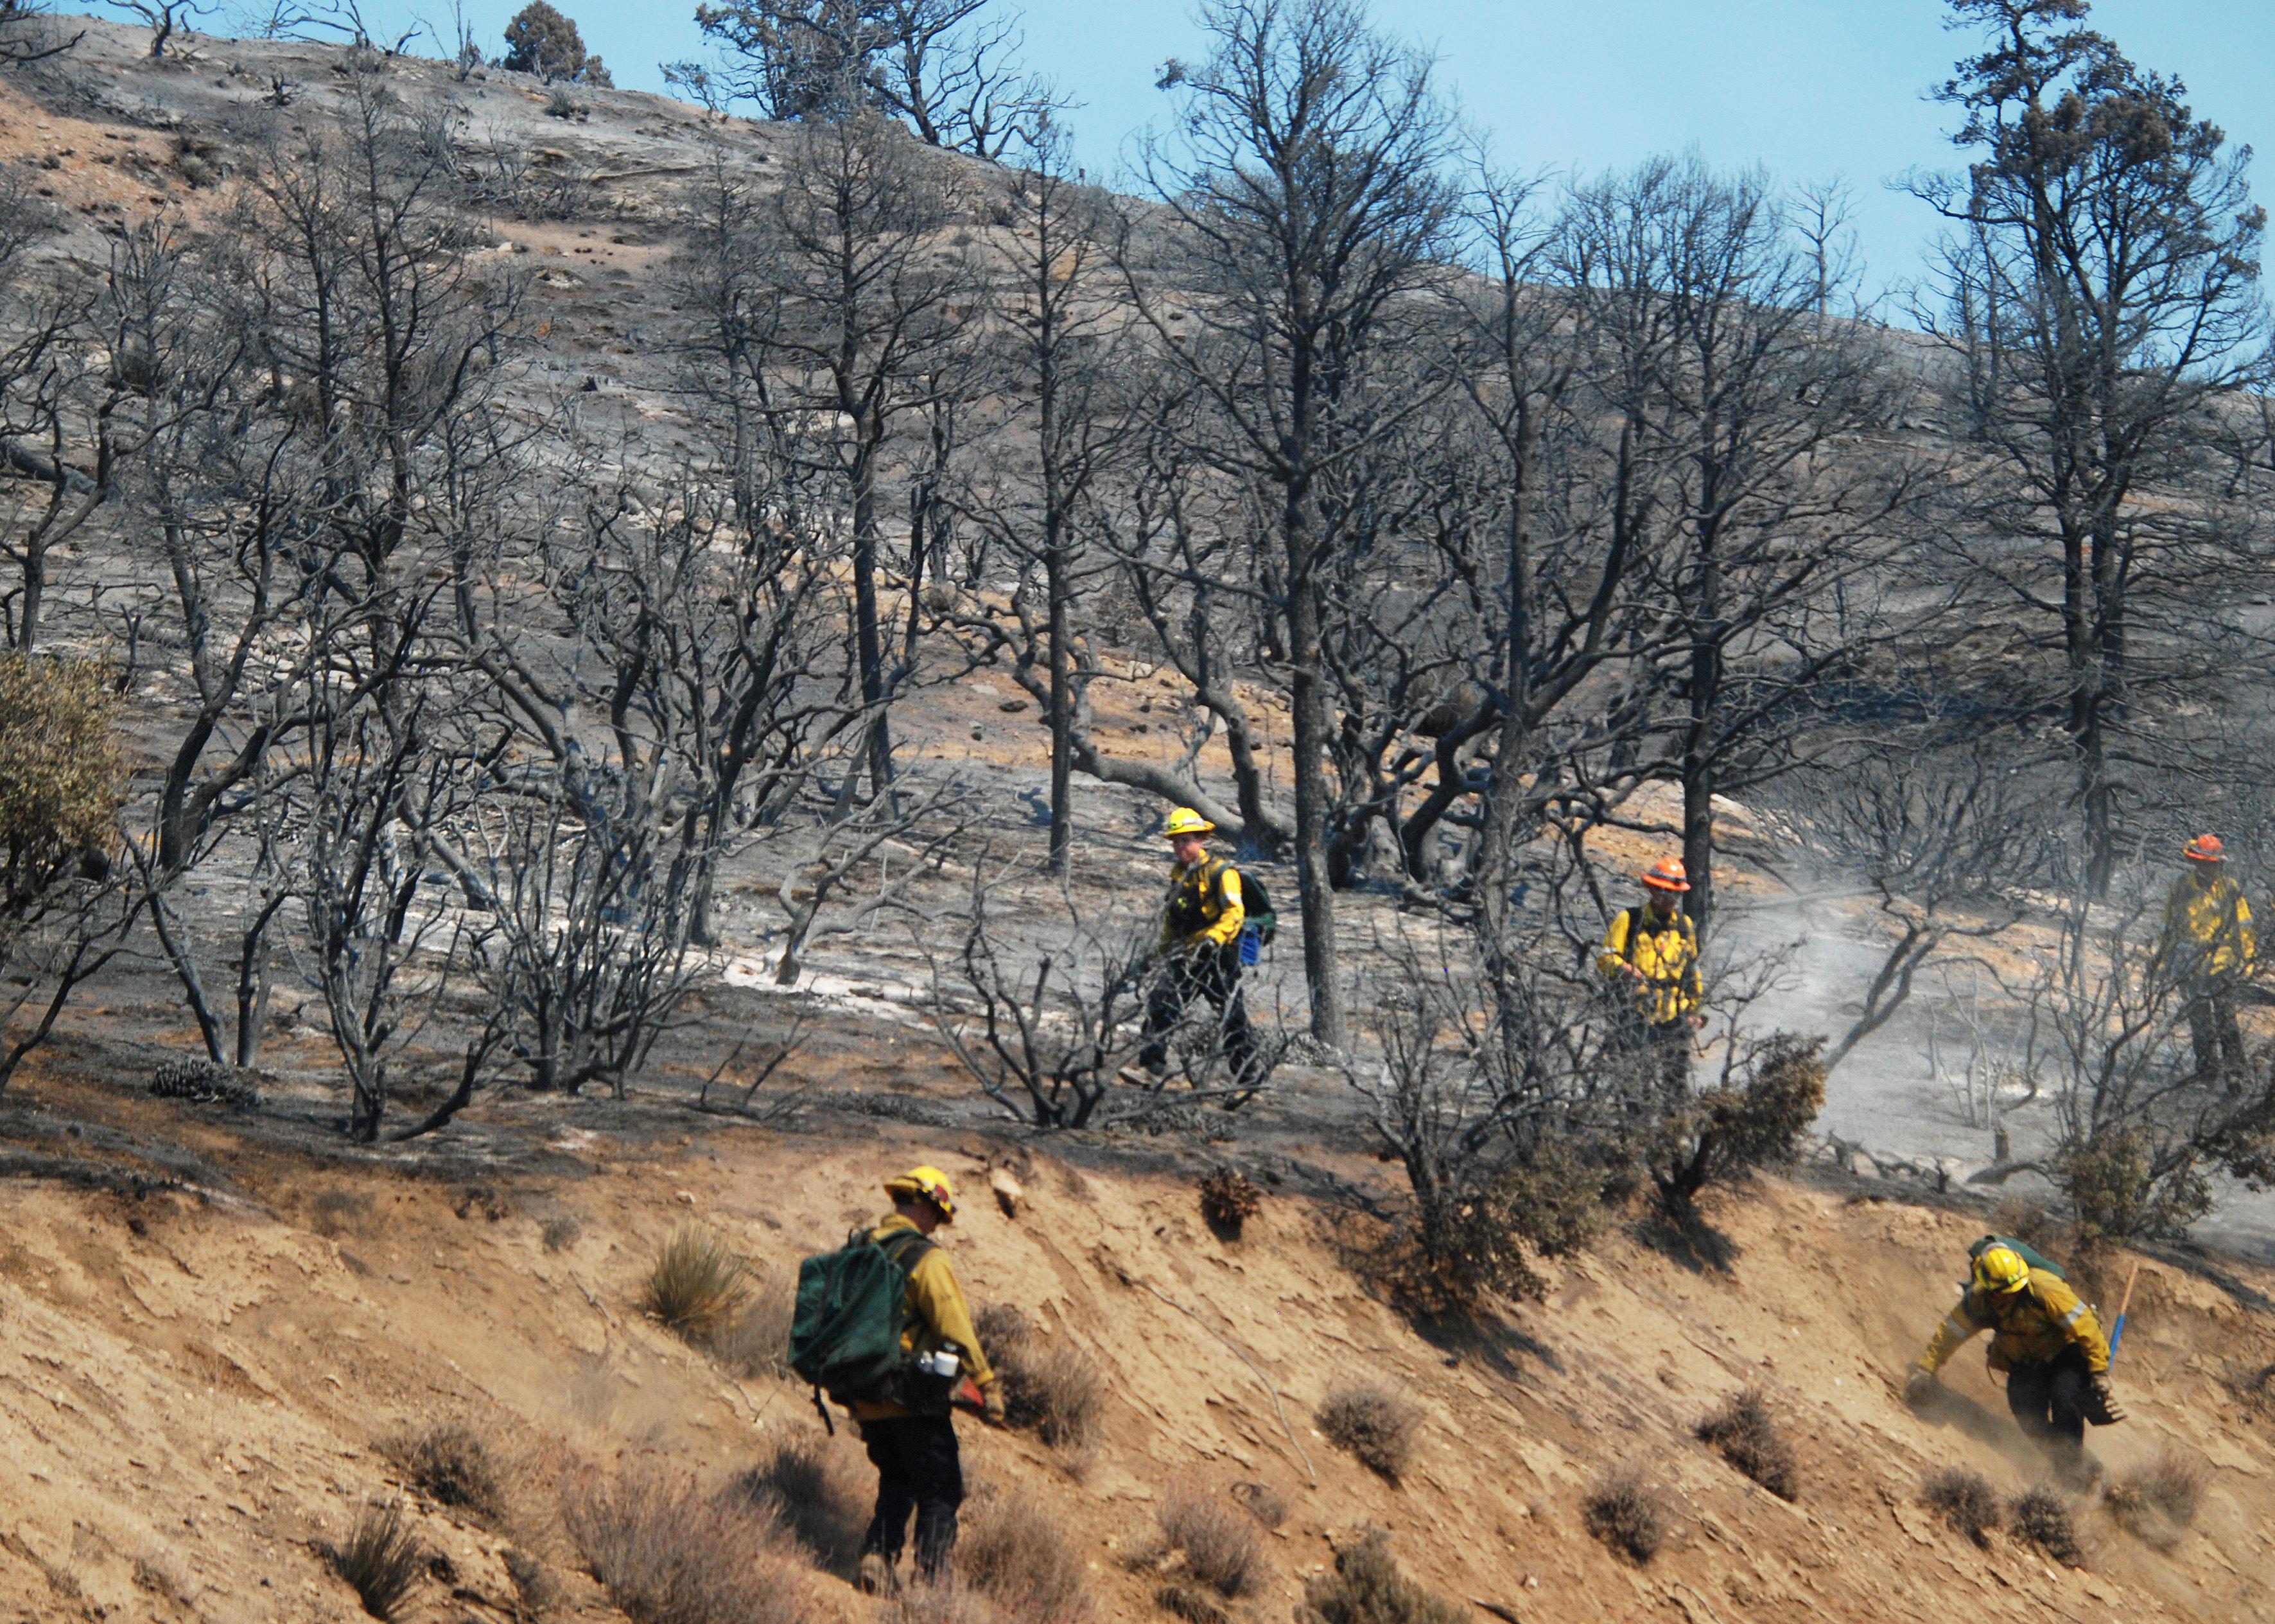 山猫野火导致圣盖博野生动物保护区出现泥石流隐患